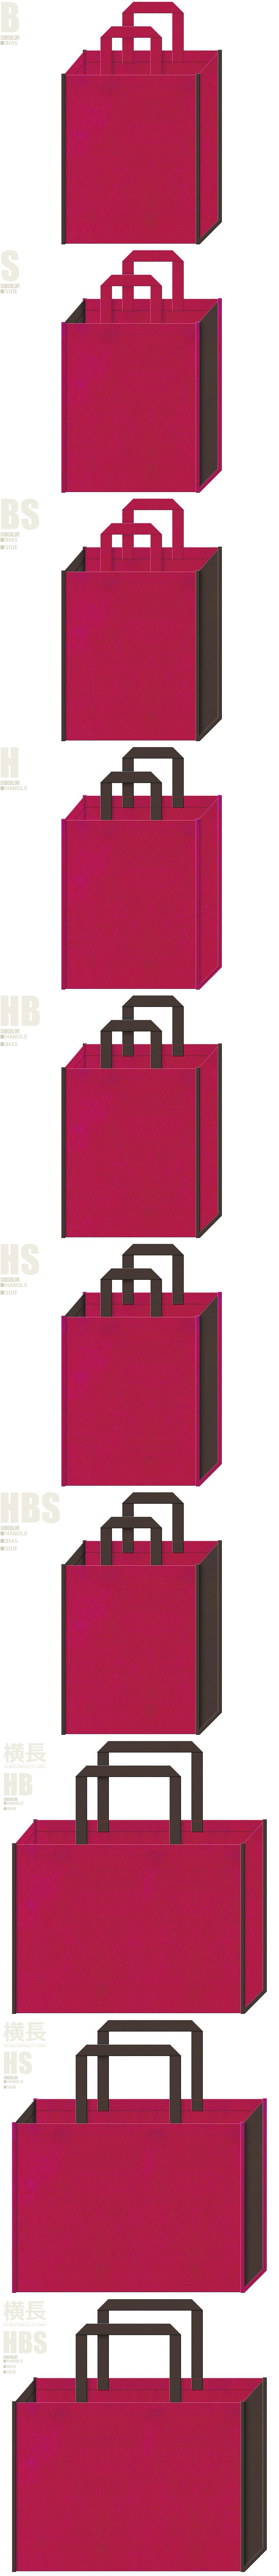 和風催事・振袖・梅・姫・ゲーム・ネイル・靴・ウィッグ・コスプレイベント・南国・ハワイアン・アロハシャツ・トロピカル・観光リゾート・トラベルバッグにお奨めの不織布バッグデザイン:濃いピンク色とこげ茶色の配色7パターン